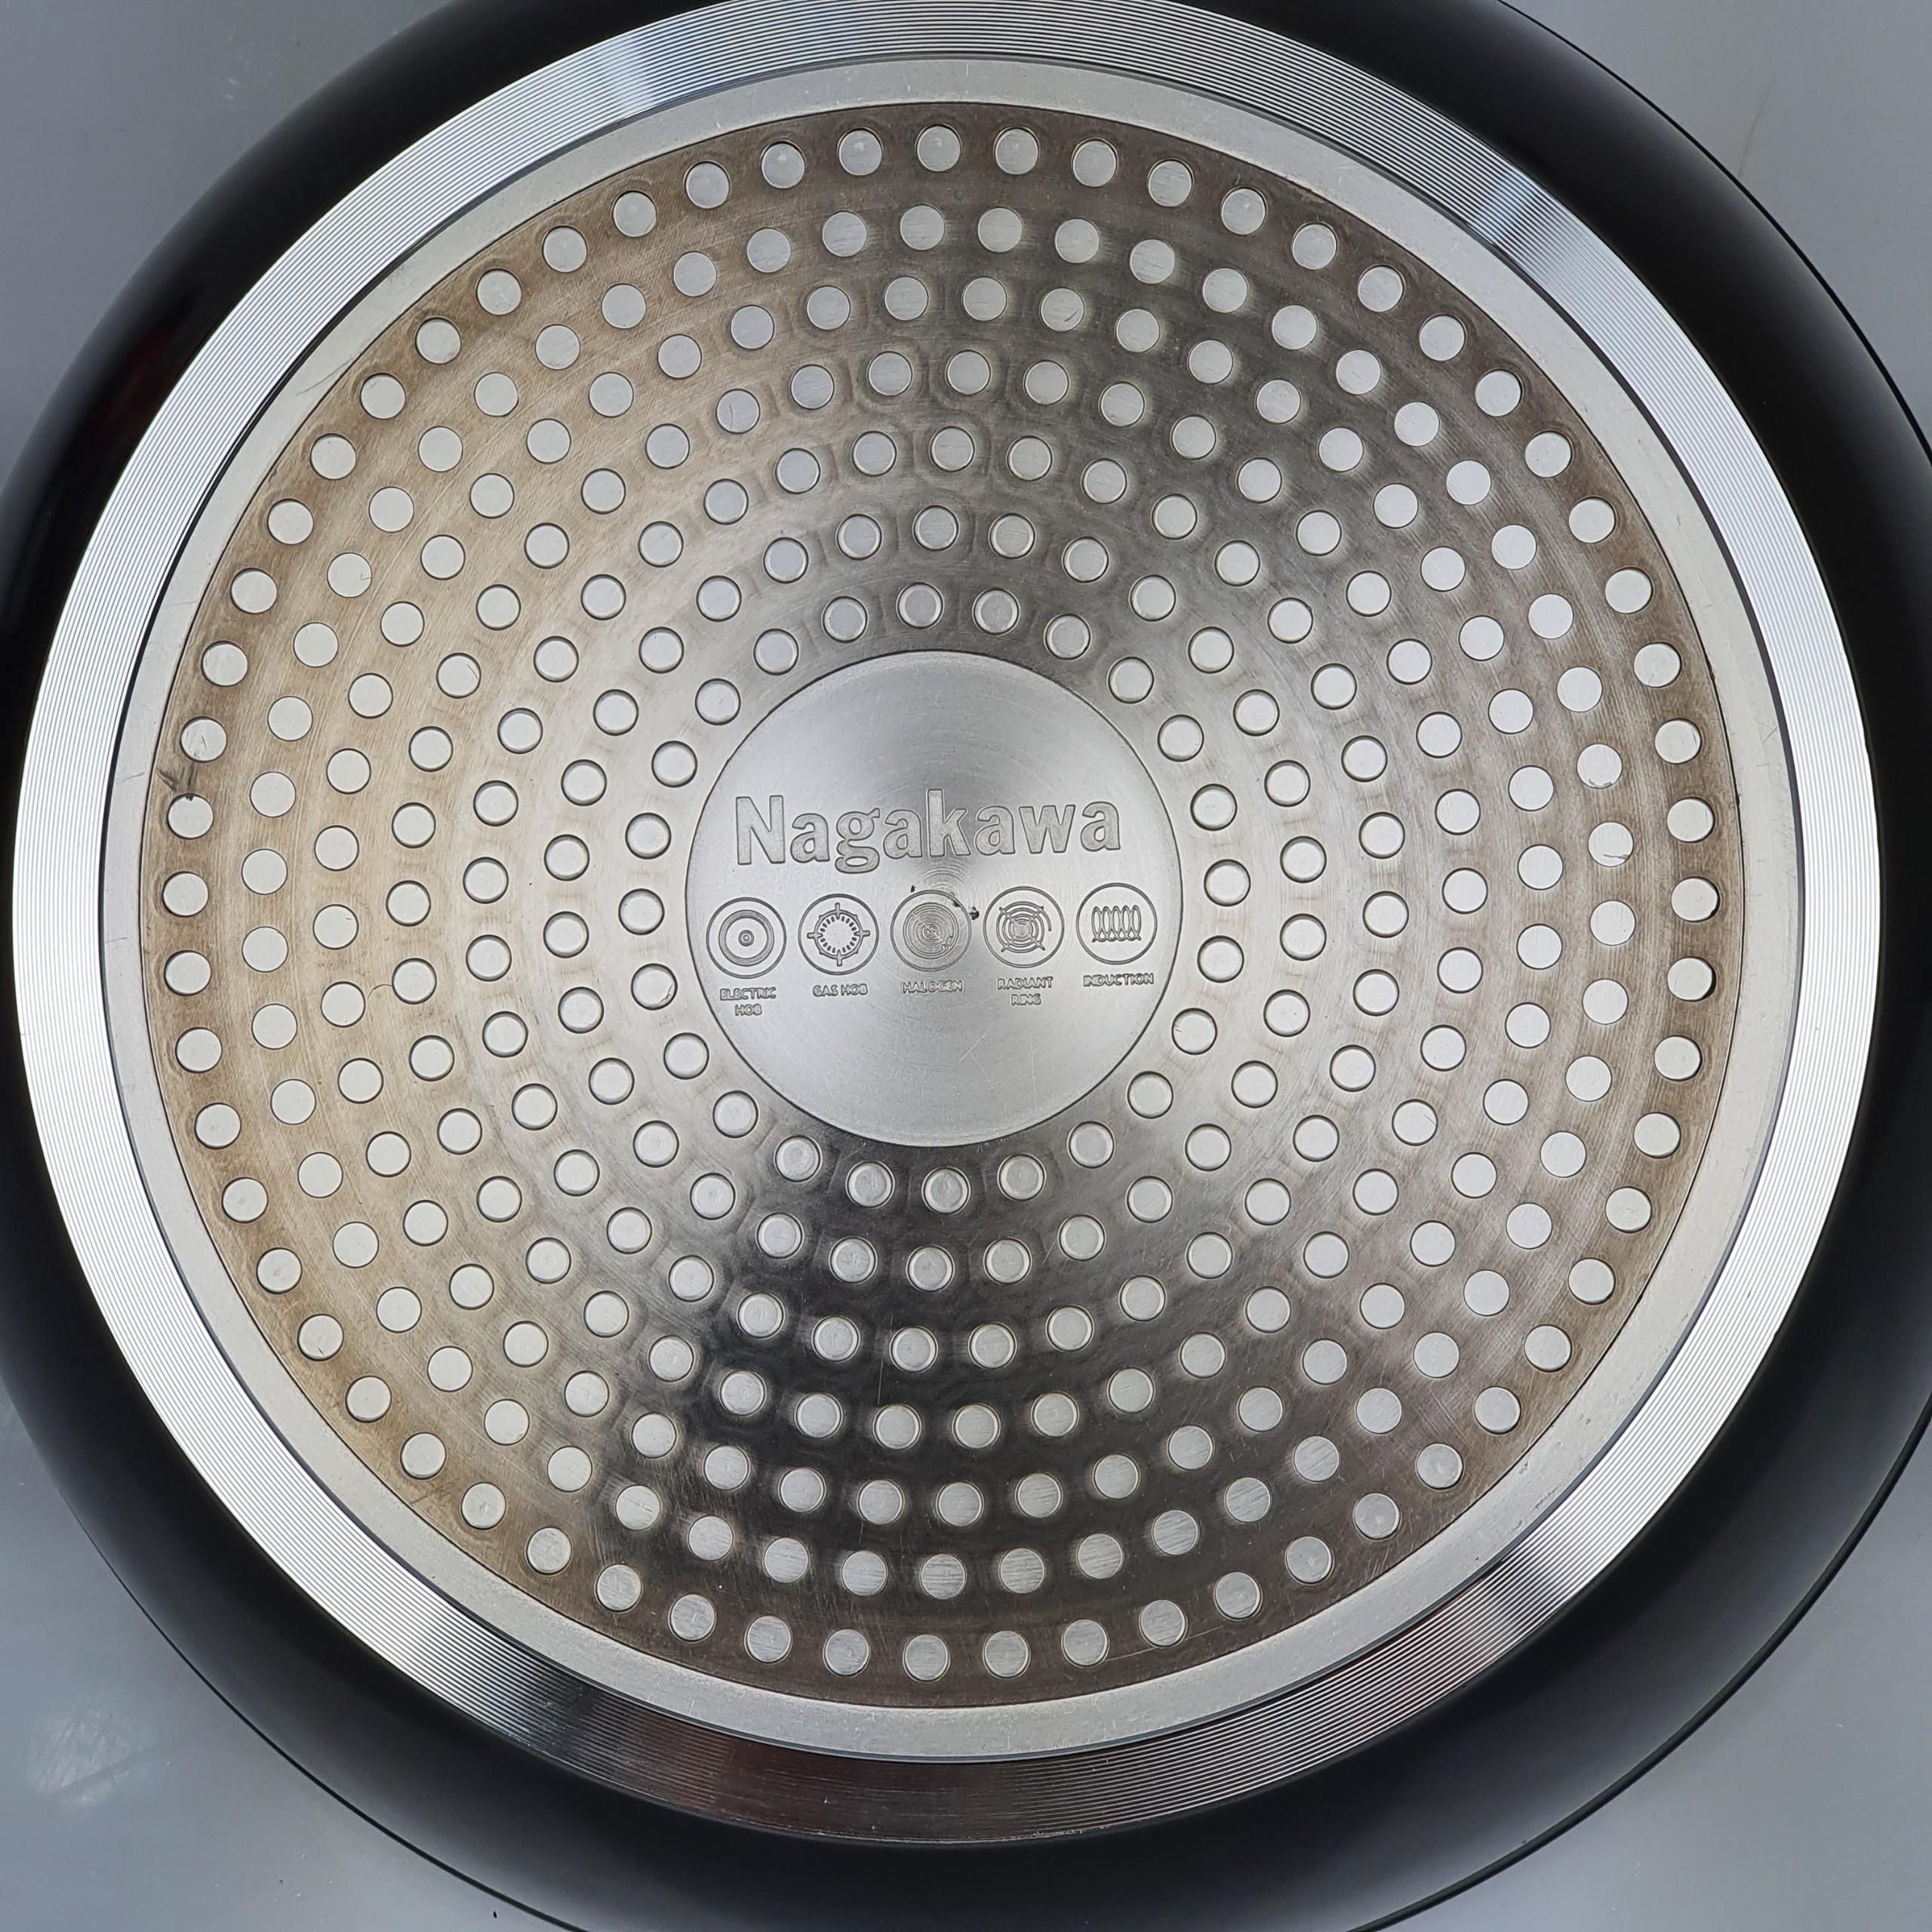 Chảo chống dính kim cương 5 lớp đáy từ Nagakawa size 24/26/28cm-Hàng chính hãng